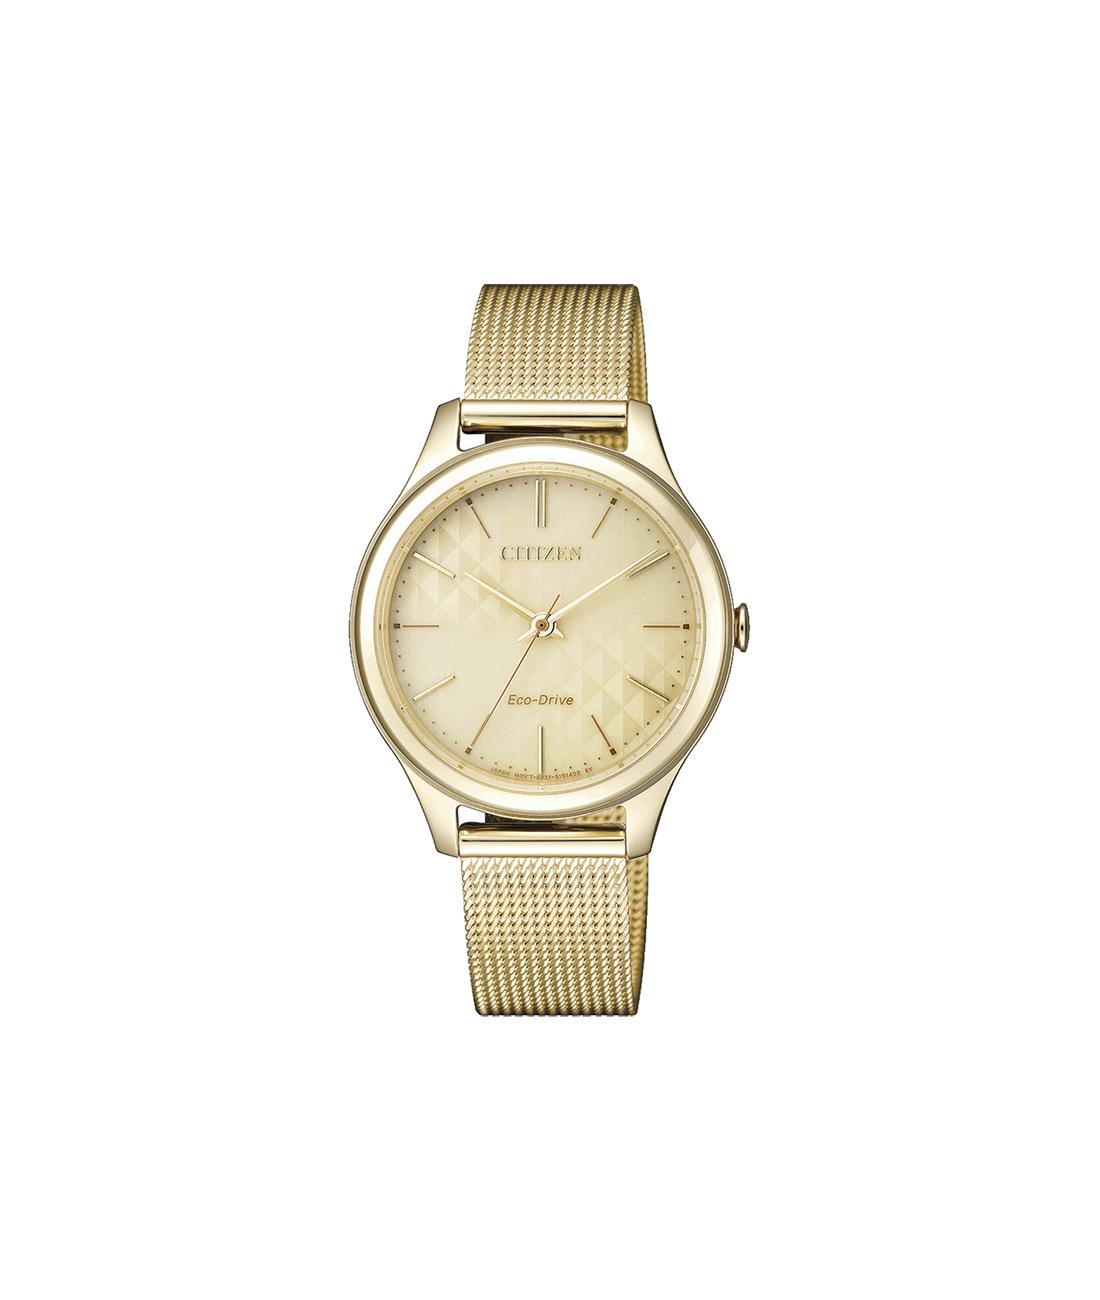 Zegarek Citizen Eco-Drive EM0502-86P w atrakcyjnej cenie ... 0e0eeec757